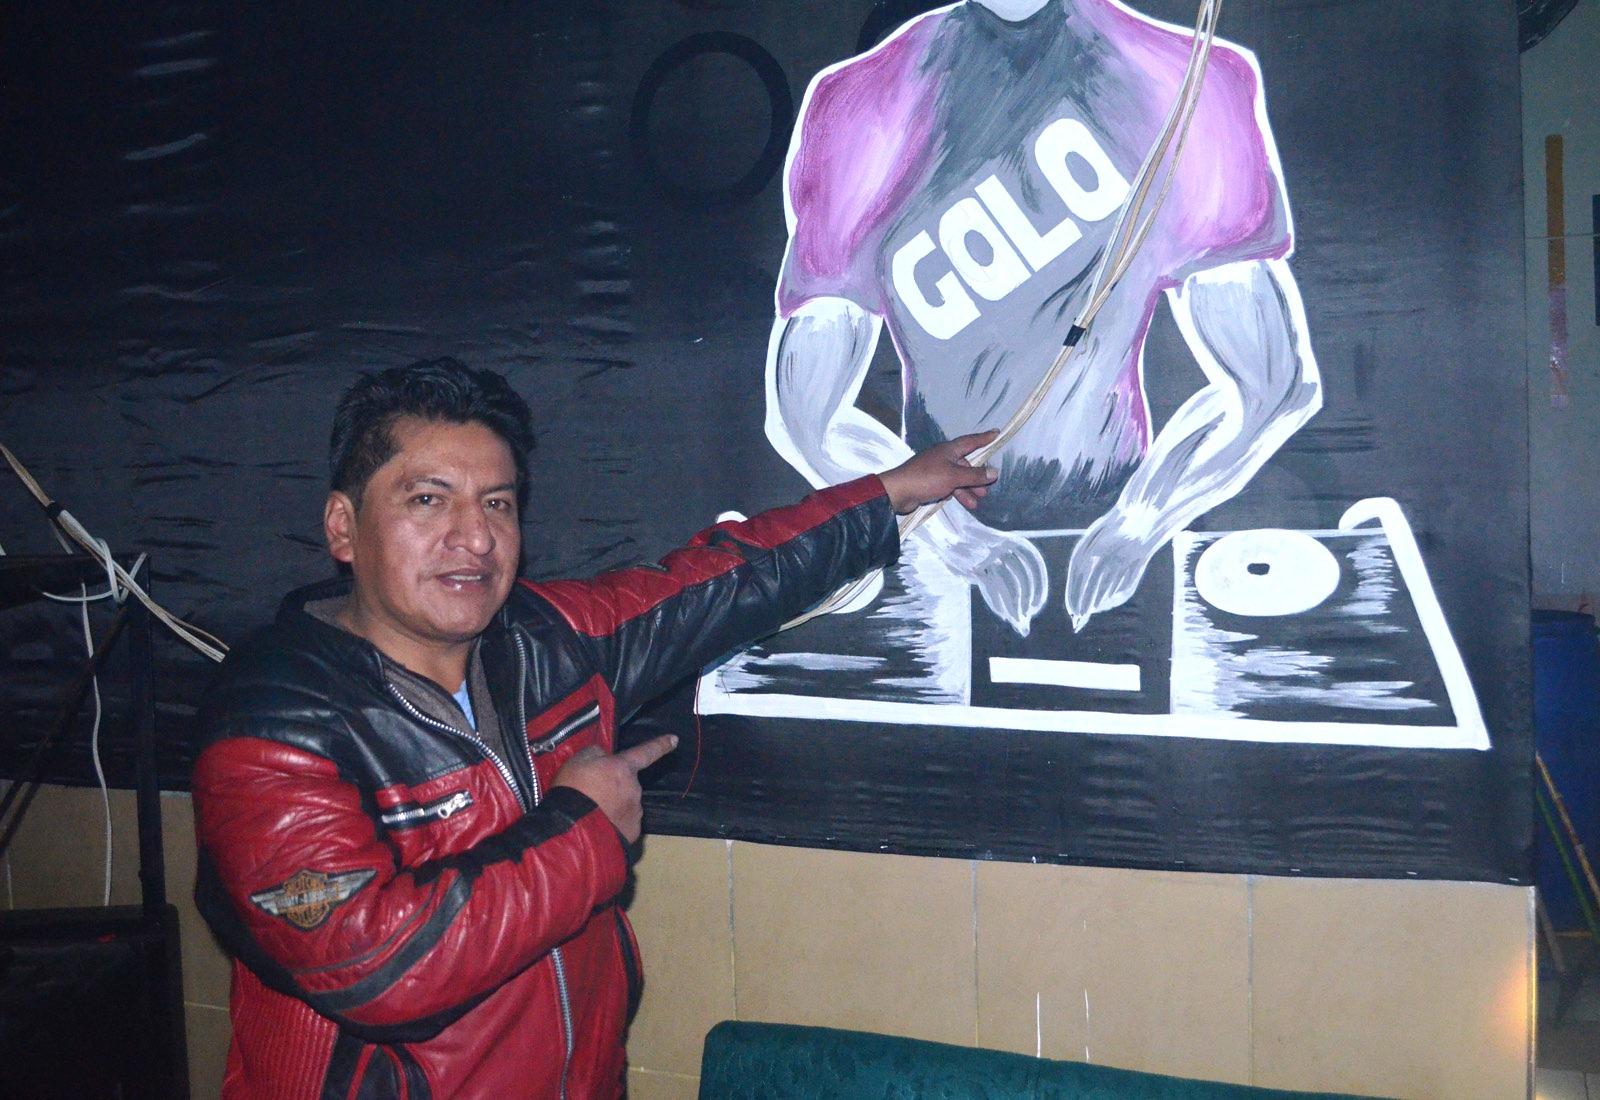 Poma muestra orgulloso el oficio de ser DJ / ALBERTO MEDRANO